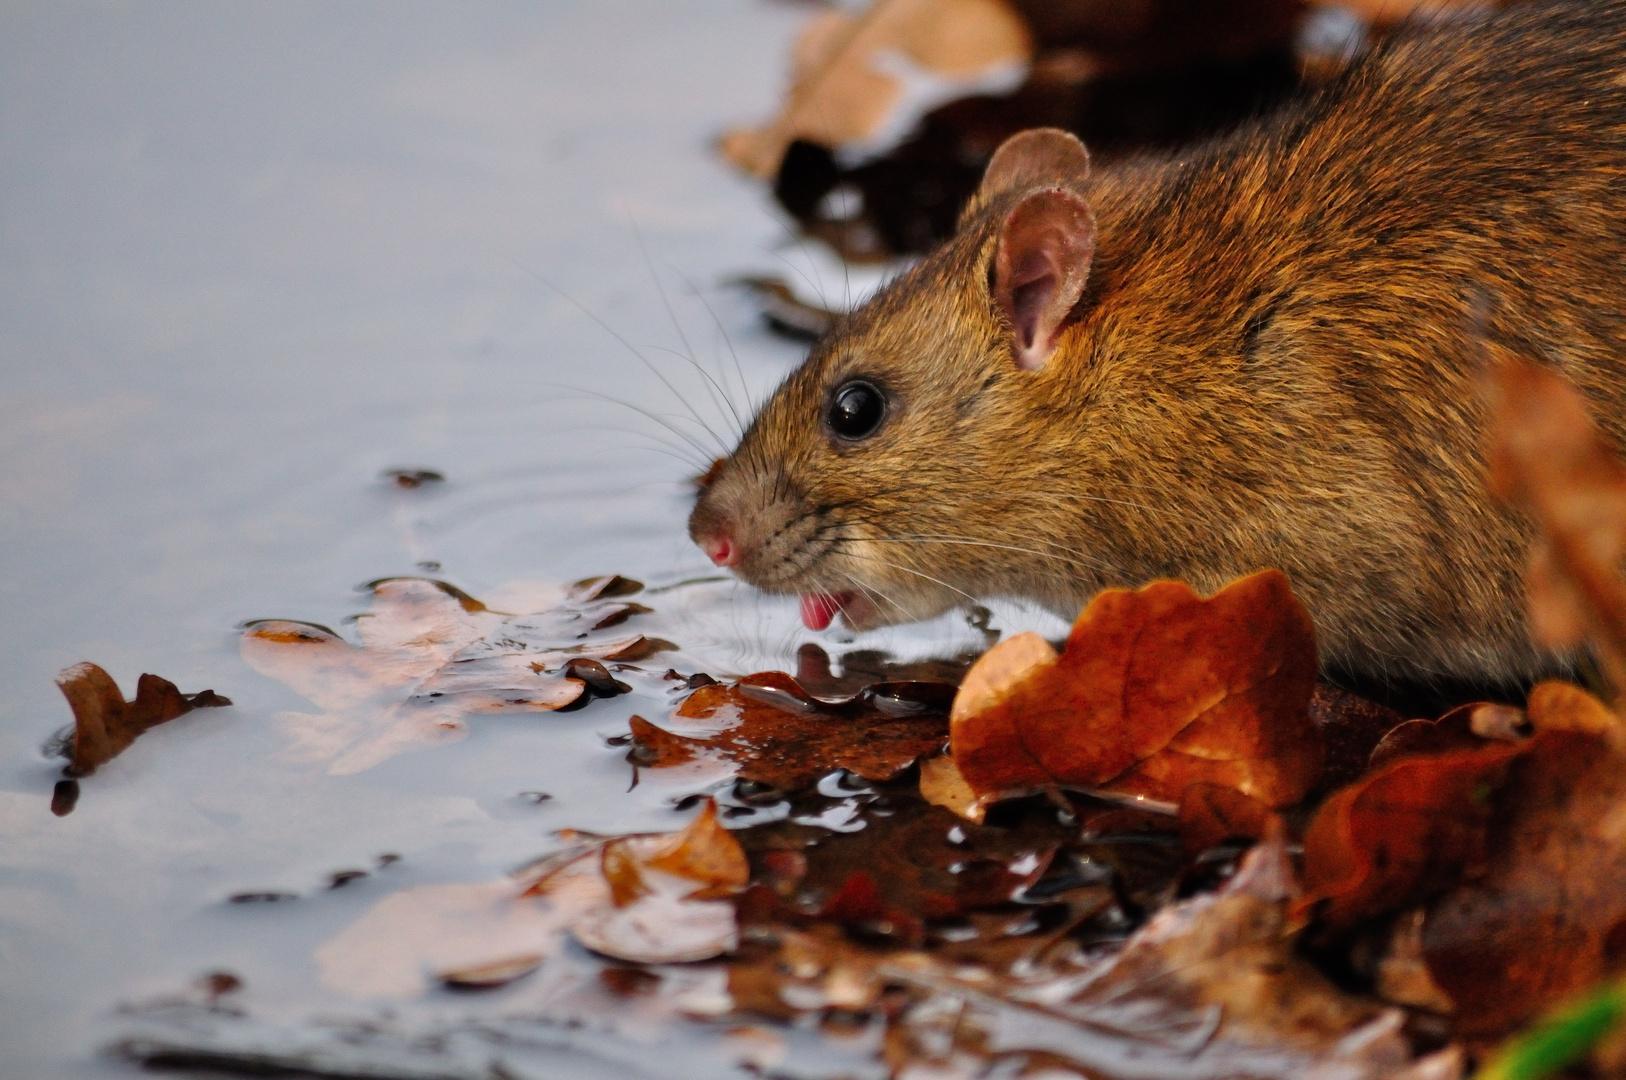 durstige Ratte